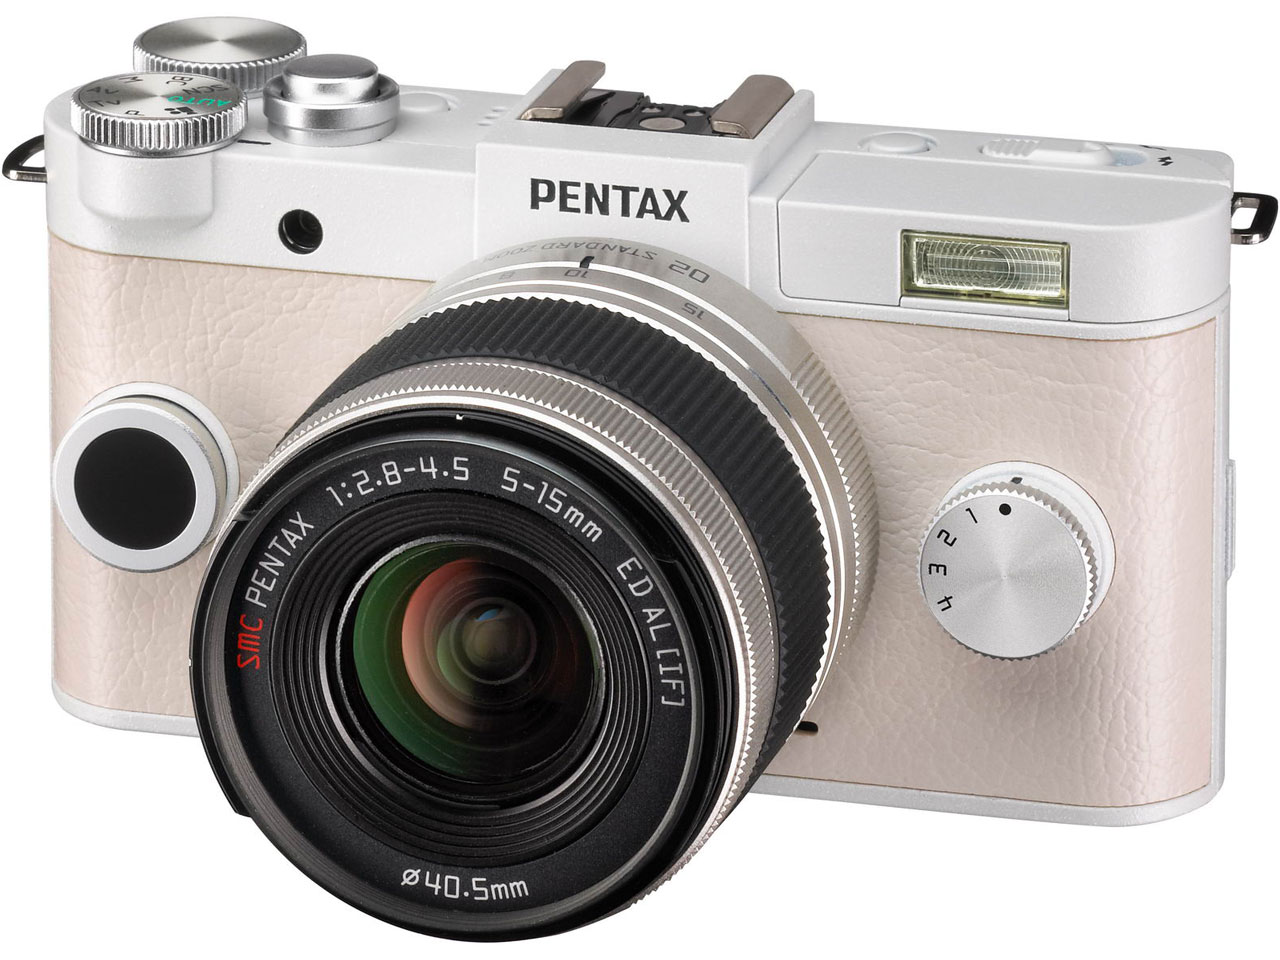 PENTAX(ペンタックス)のミラーレス一眼等計8点を